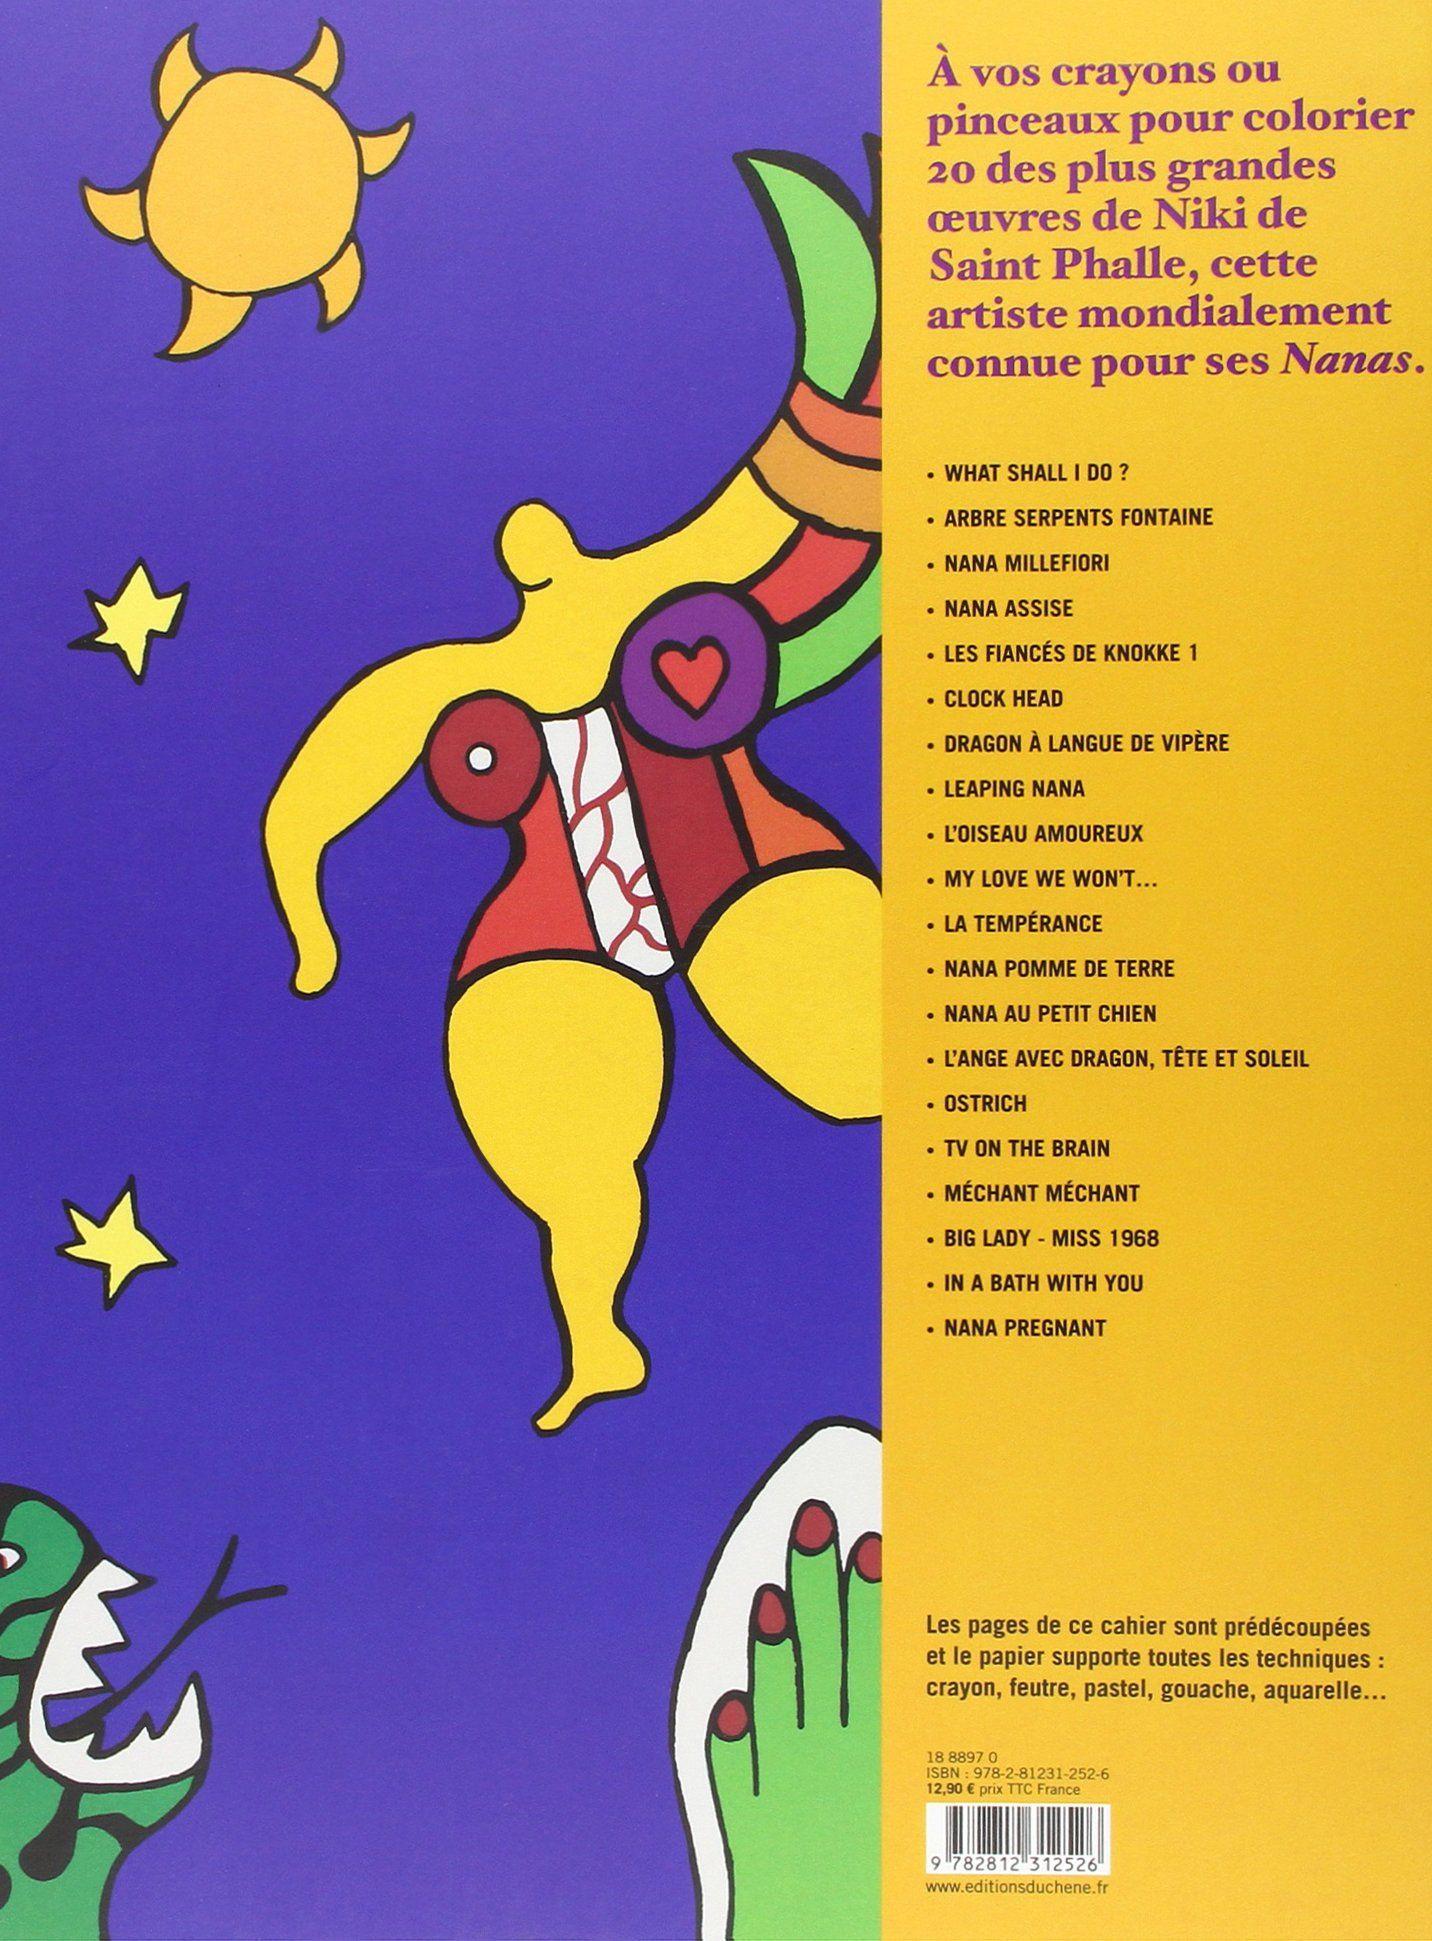 Amazon.fr - Cahier de coloriages Niki de Saint Phalle - Niki de Saint-Phalle - Livres